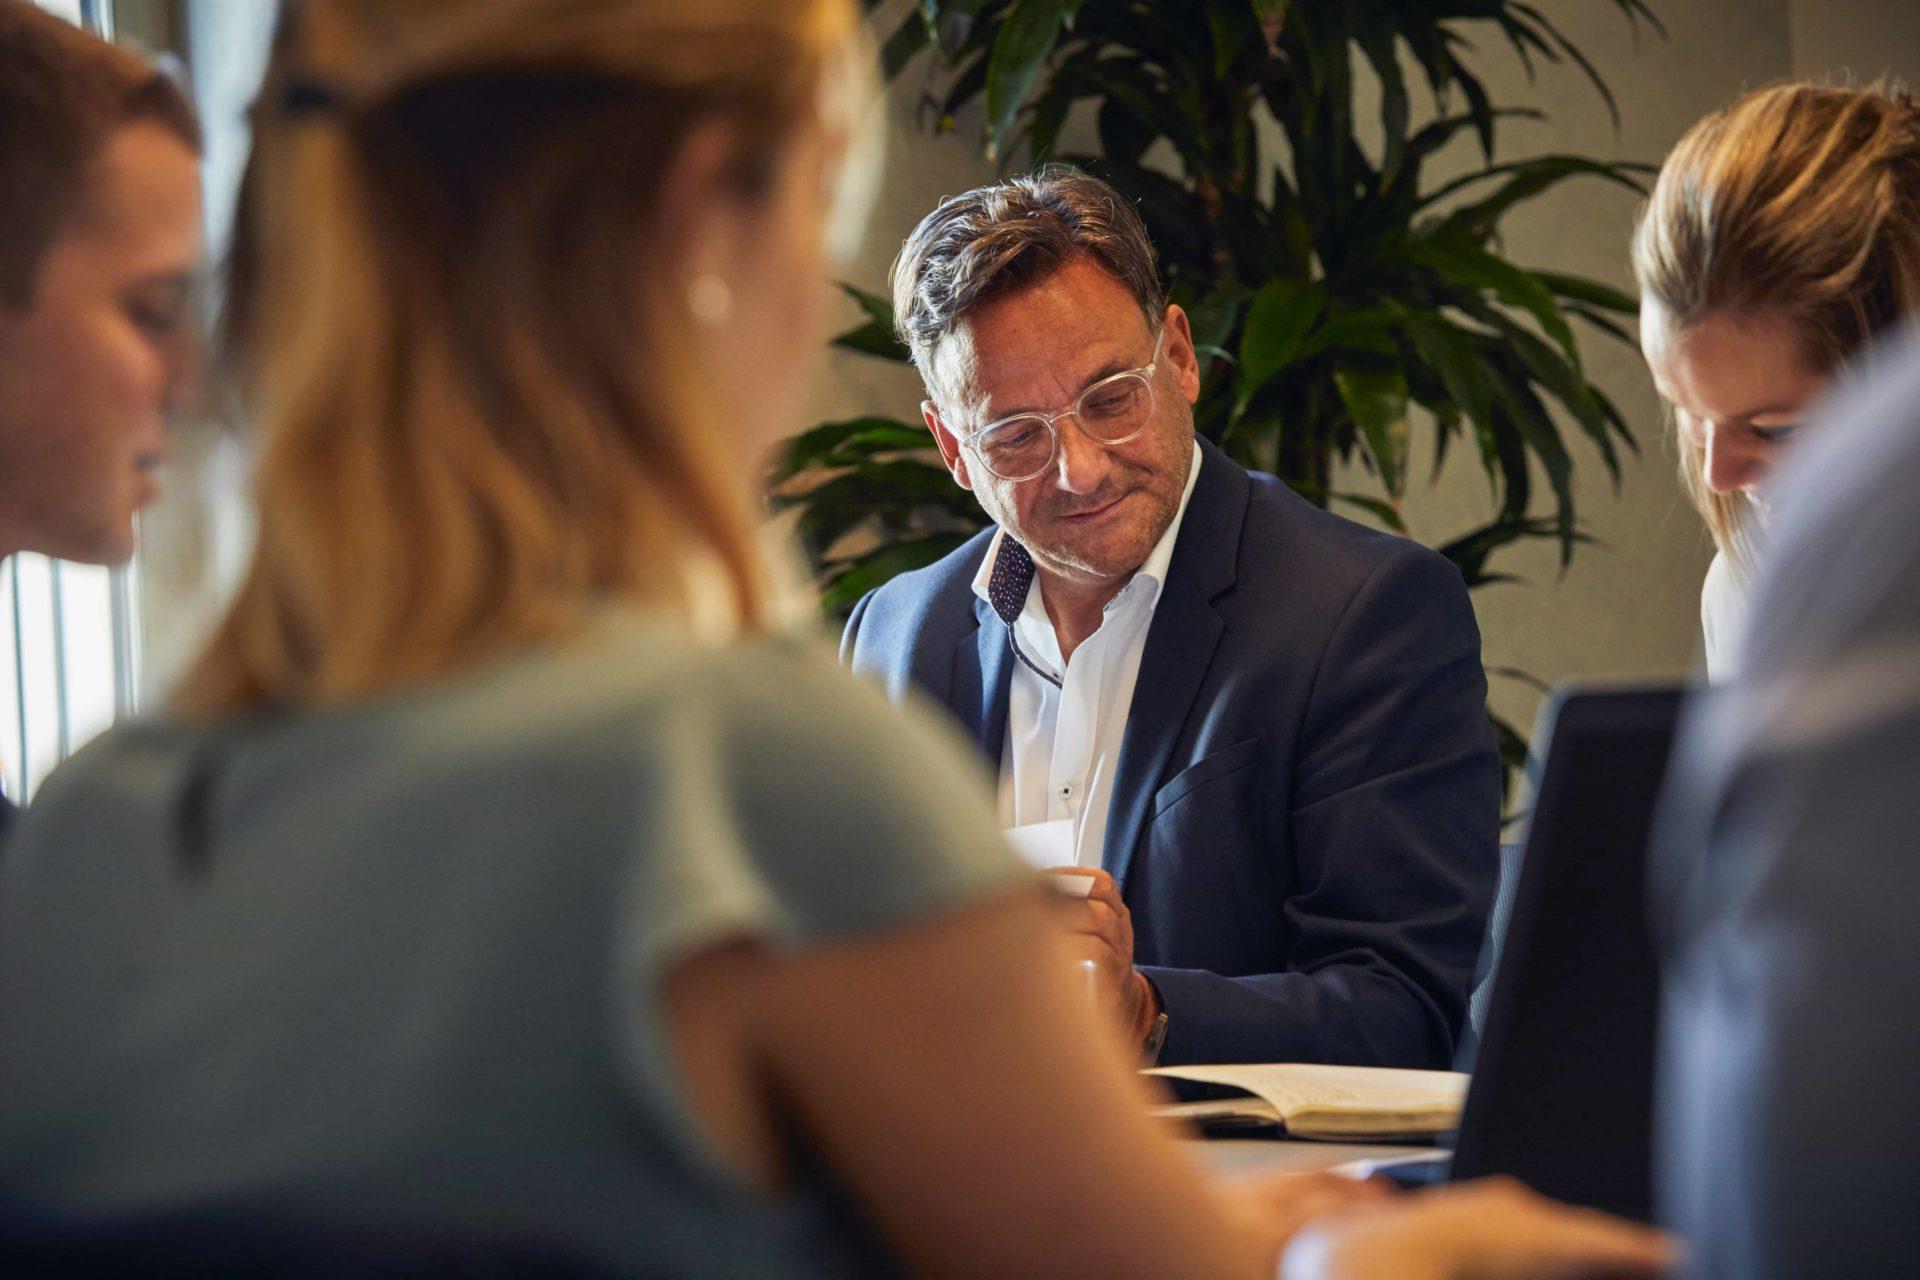 Fiduciaire_Fidag_Audit_Comptabilité_juridique_Conseil_expertises